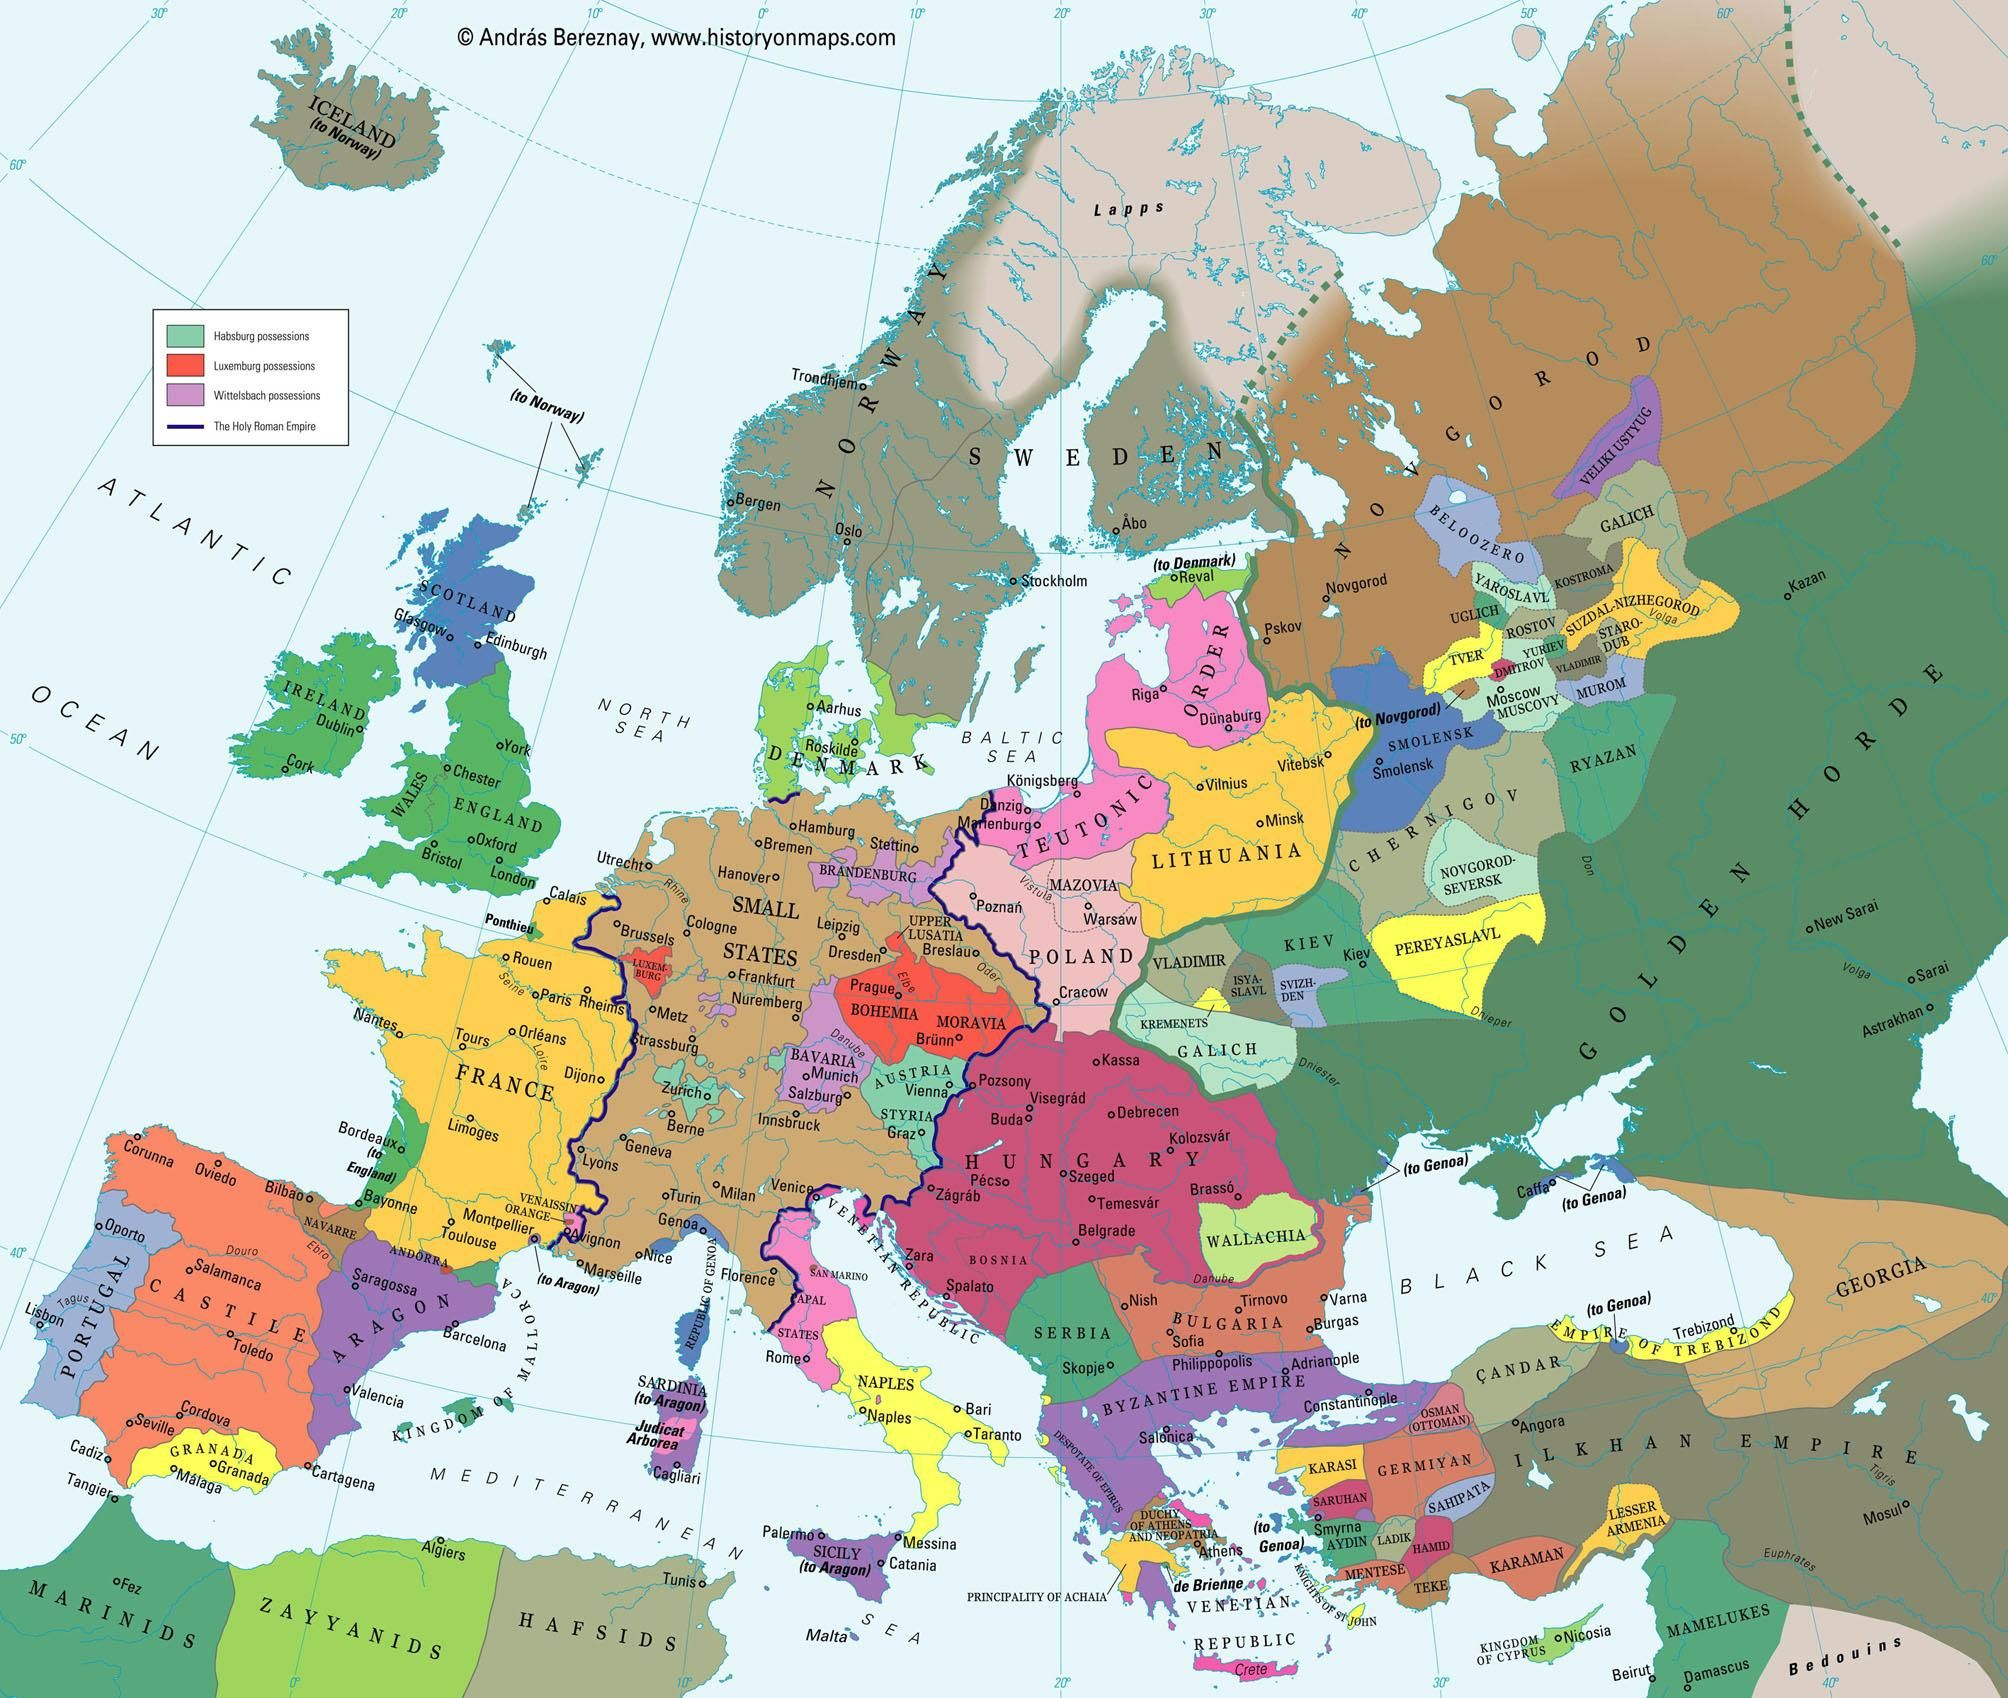 Αποτέλεσμα εικόνας για european map 14th